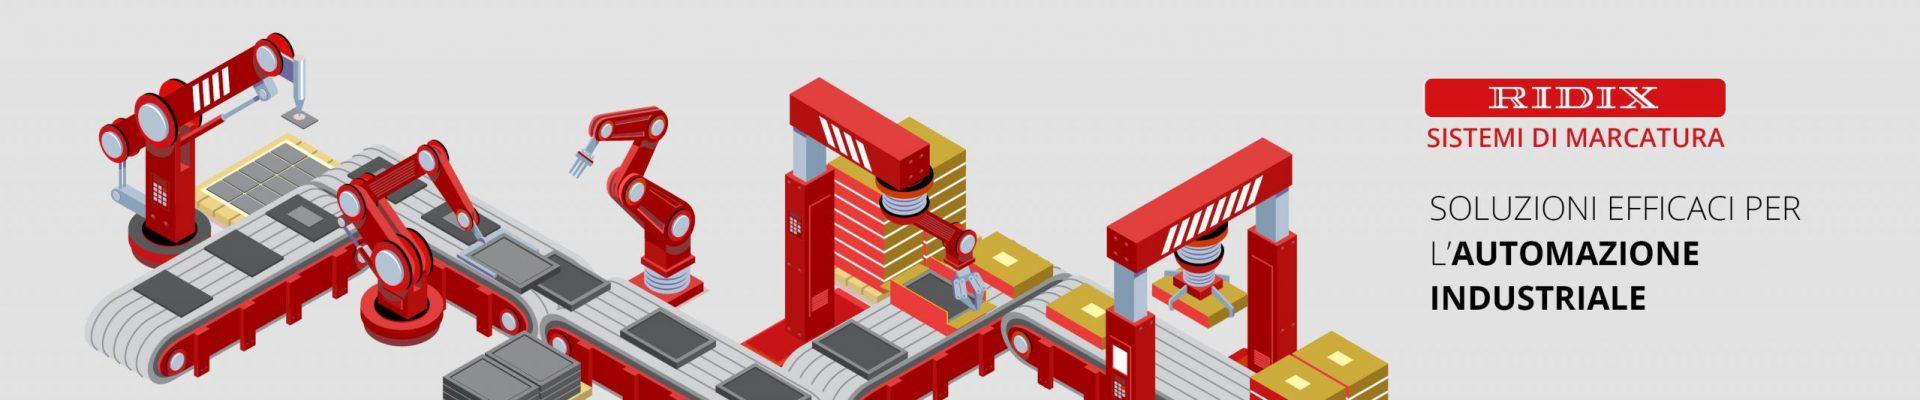 Marcatura e automazione industriale